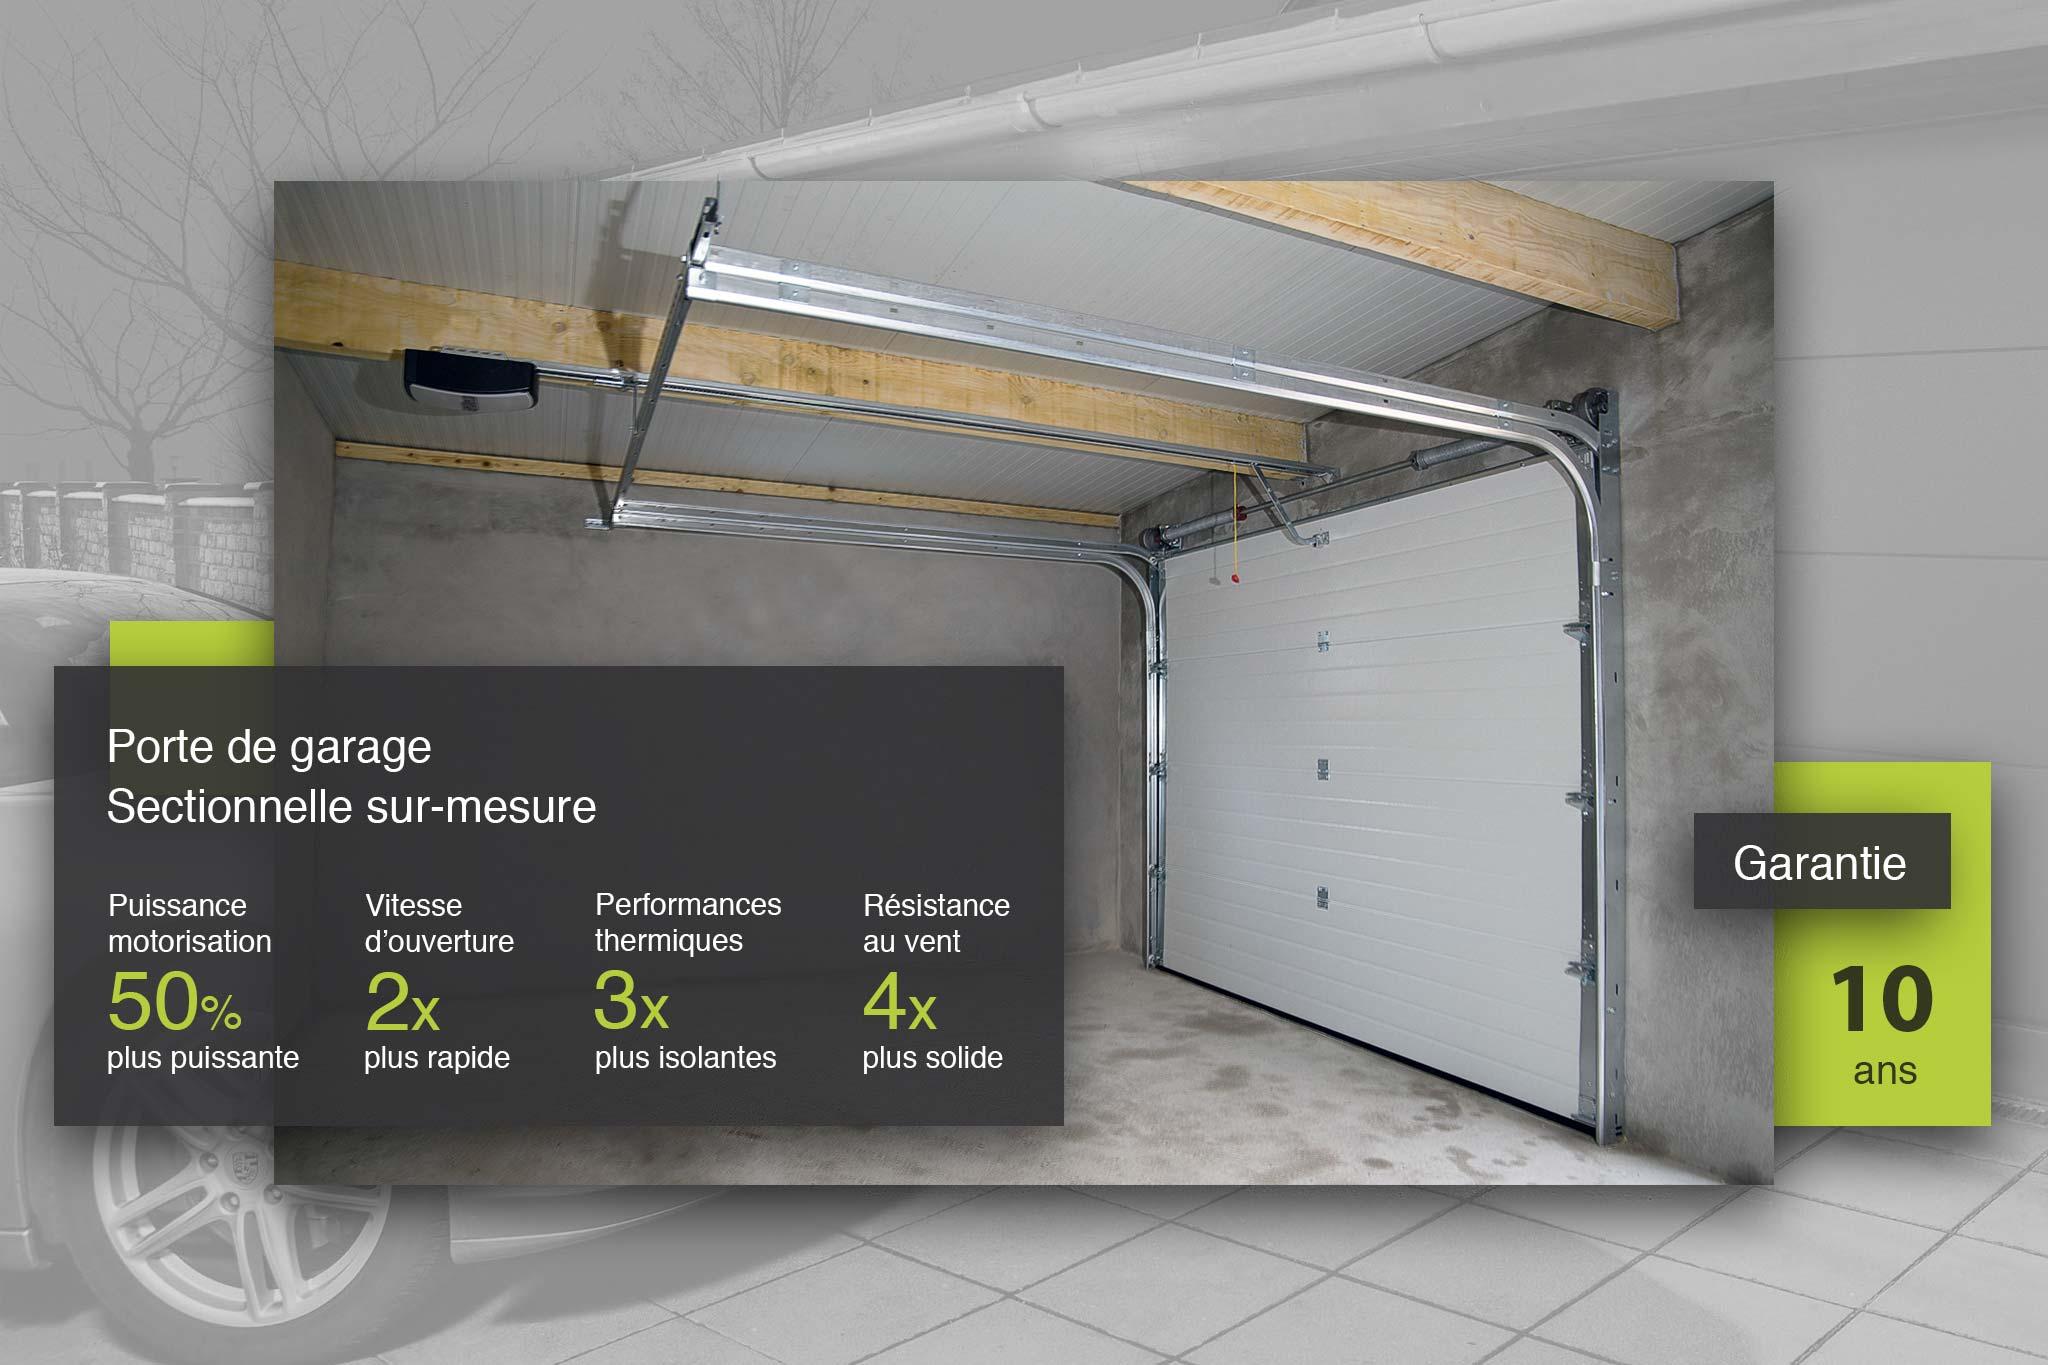 Configurez Votre Porte De Garage